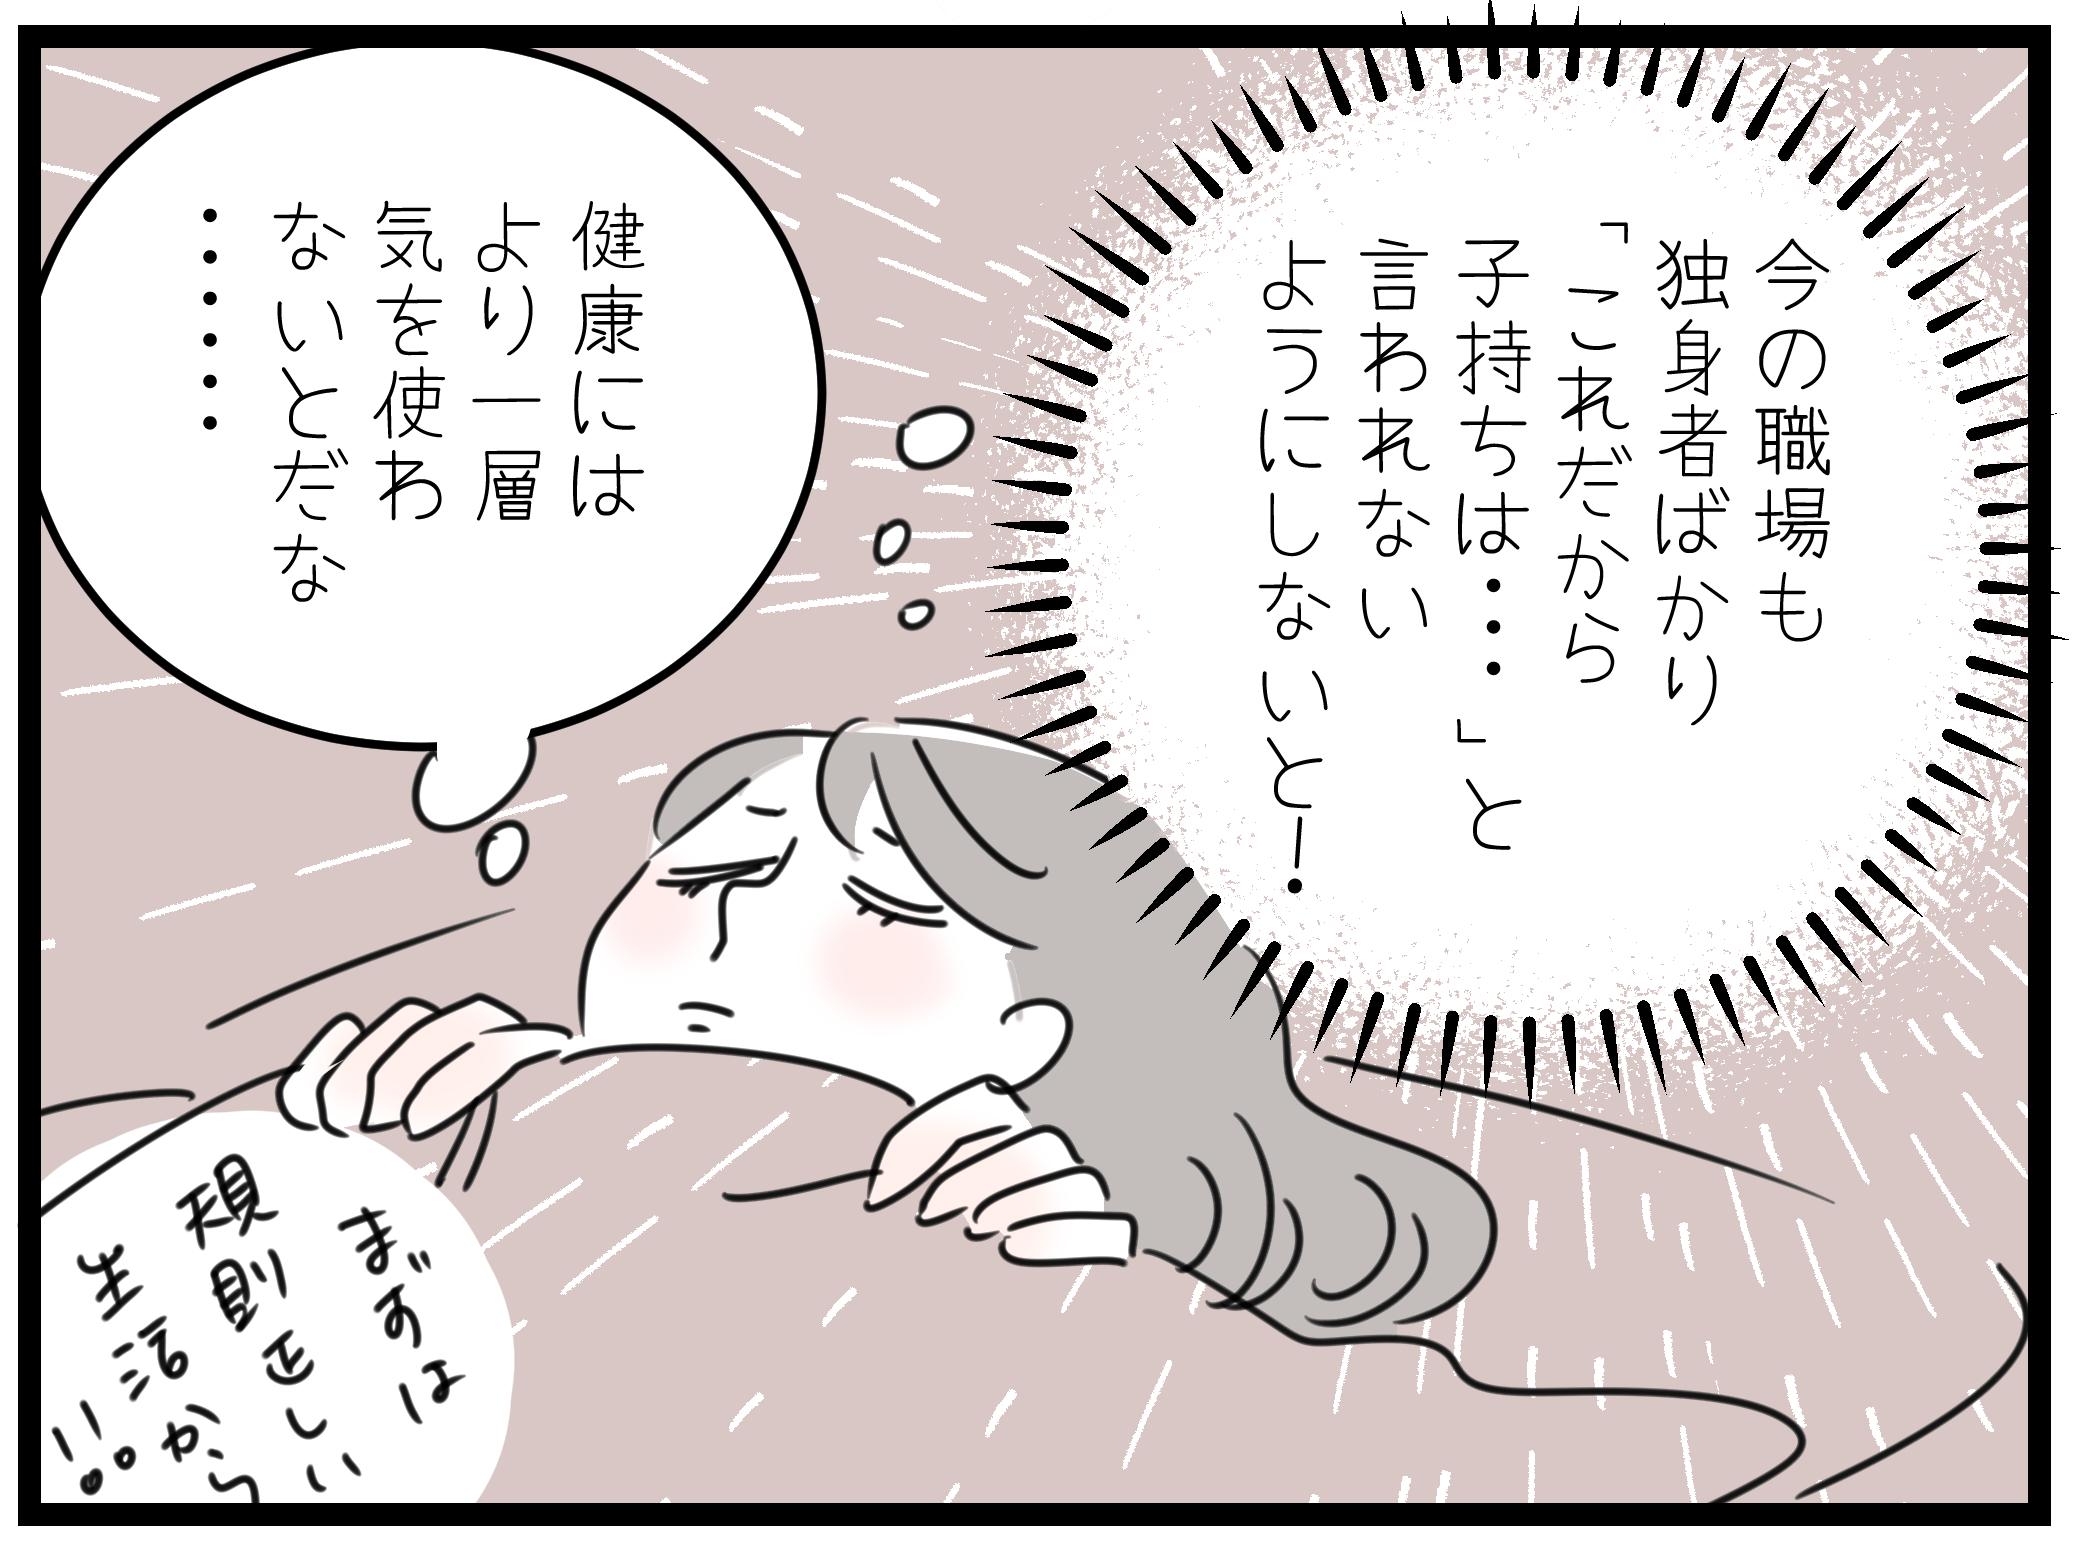 【第10話】ブランク10年目の挑戦~アラフォーママ、初めての転職~